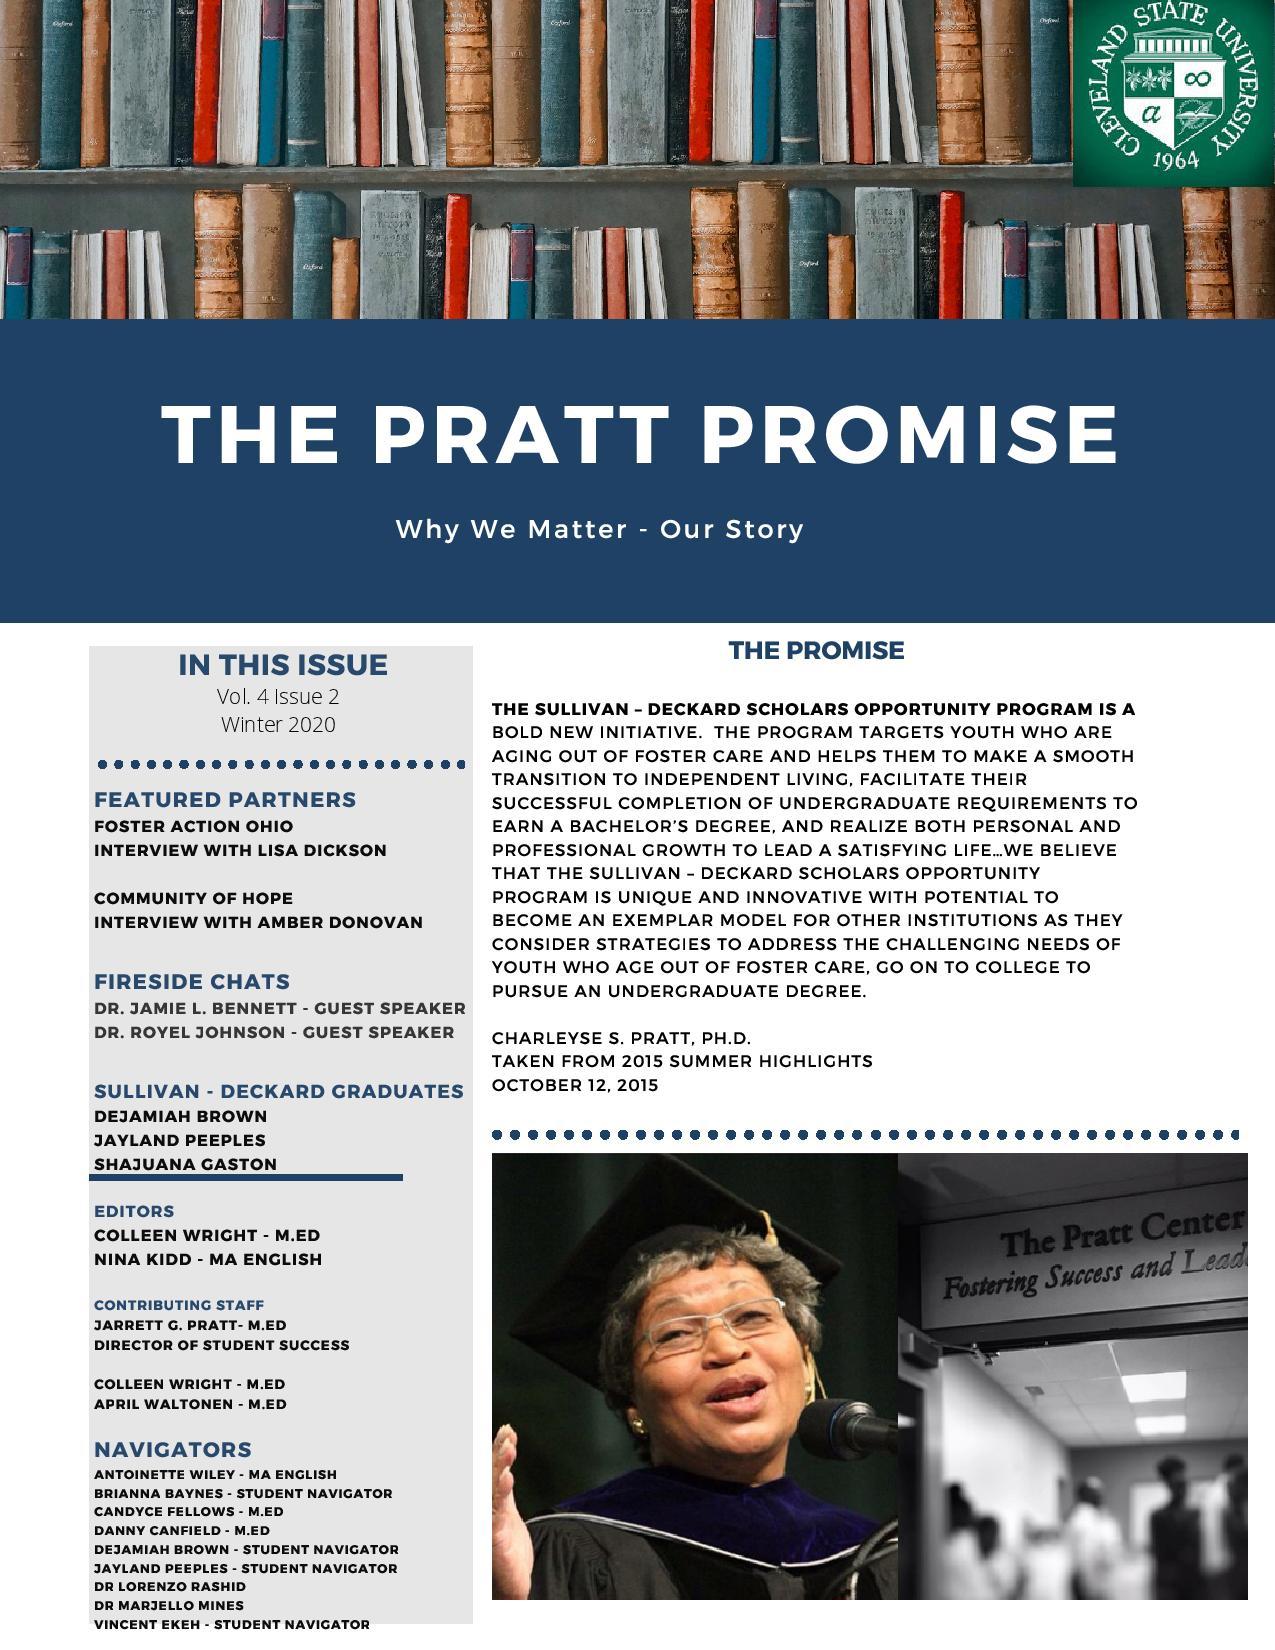 Pratt Center Newsletter-Spring Semester 2021